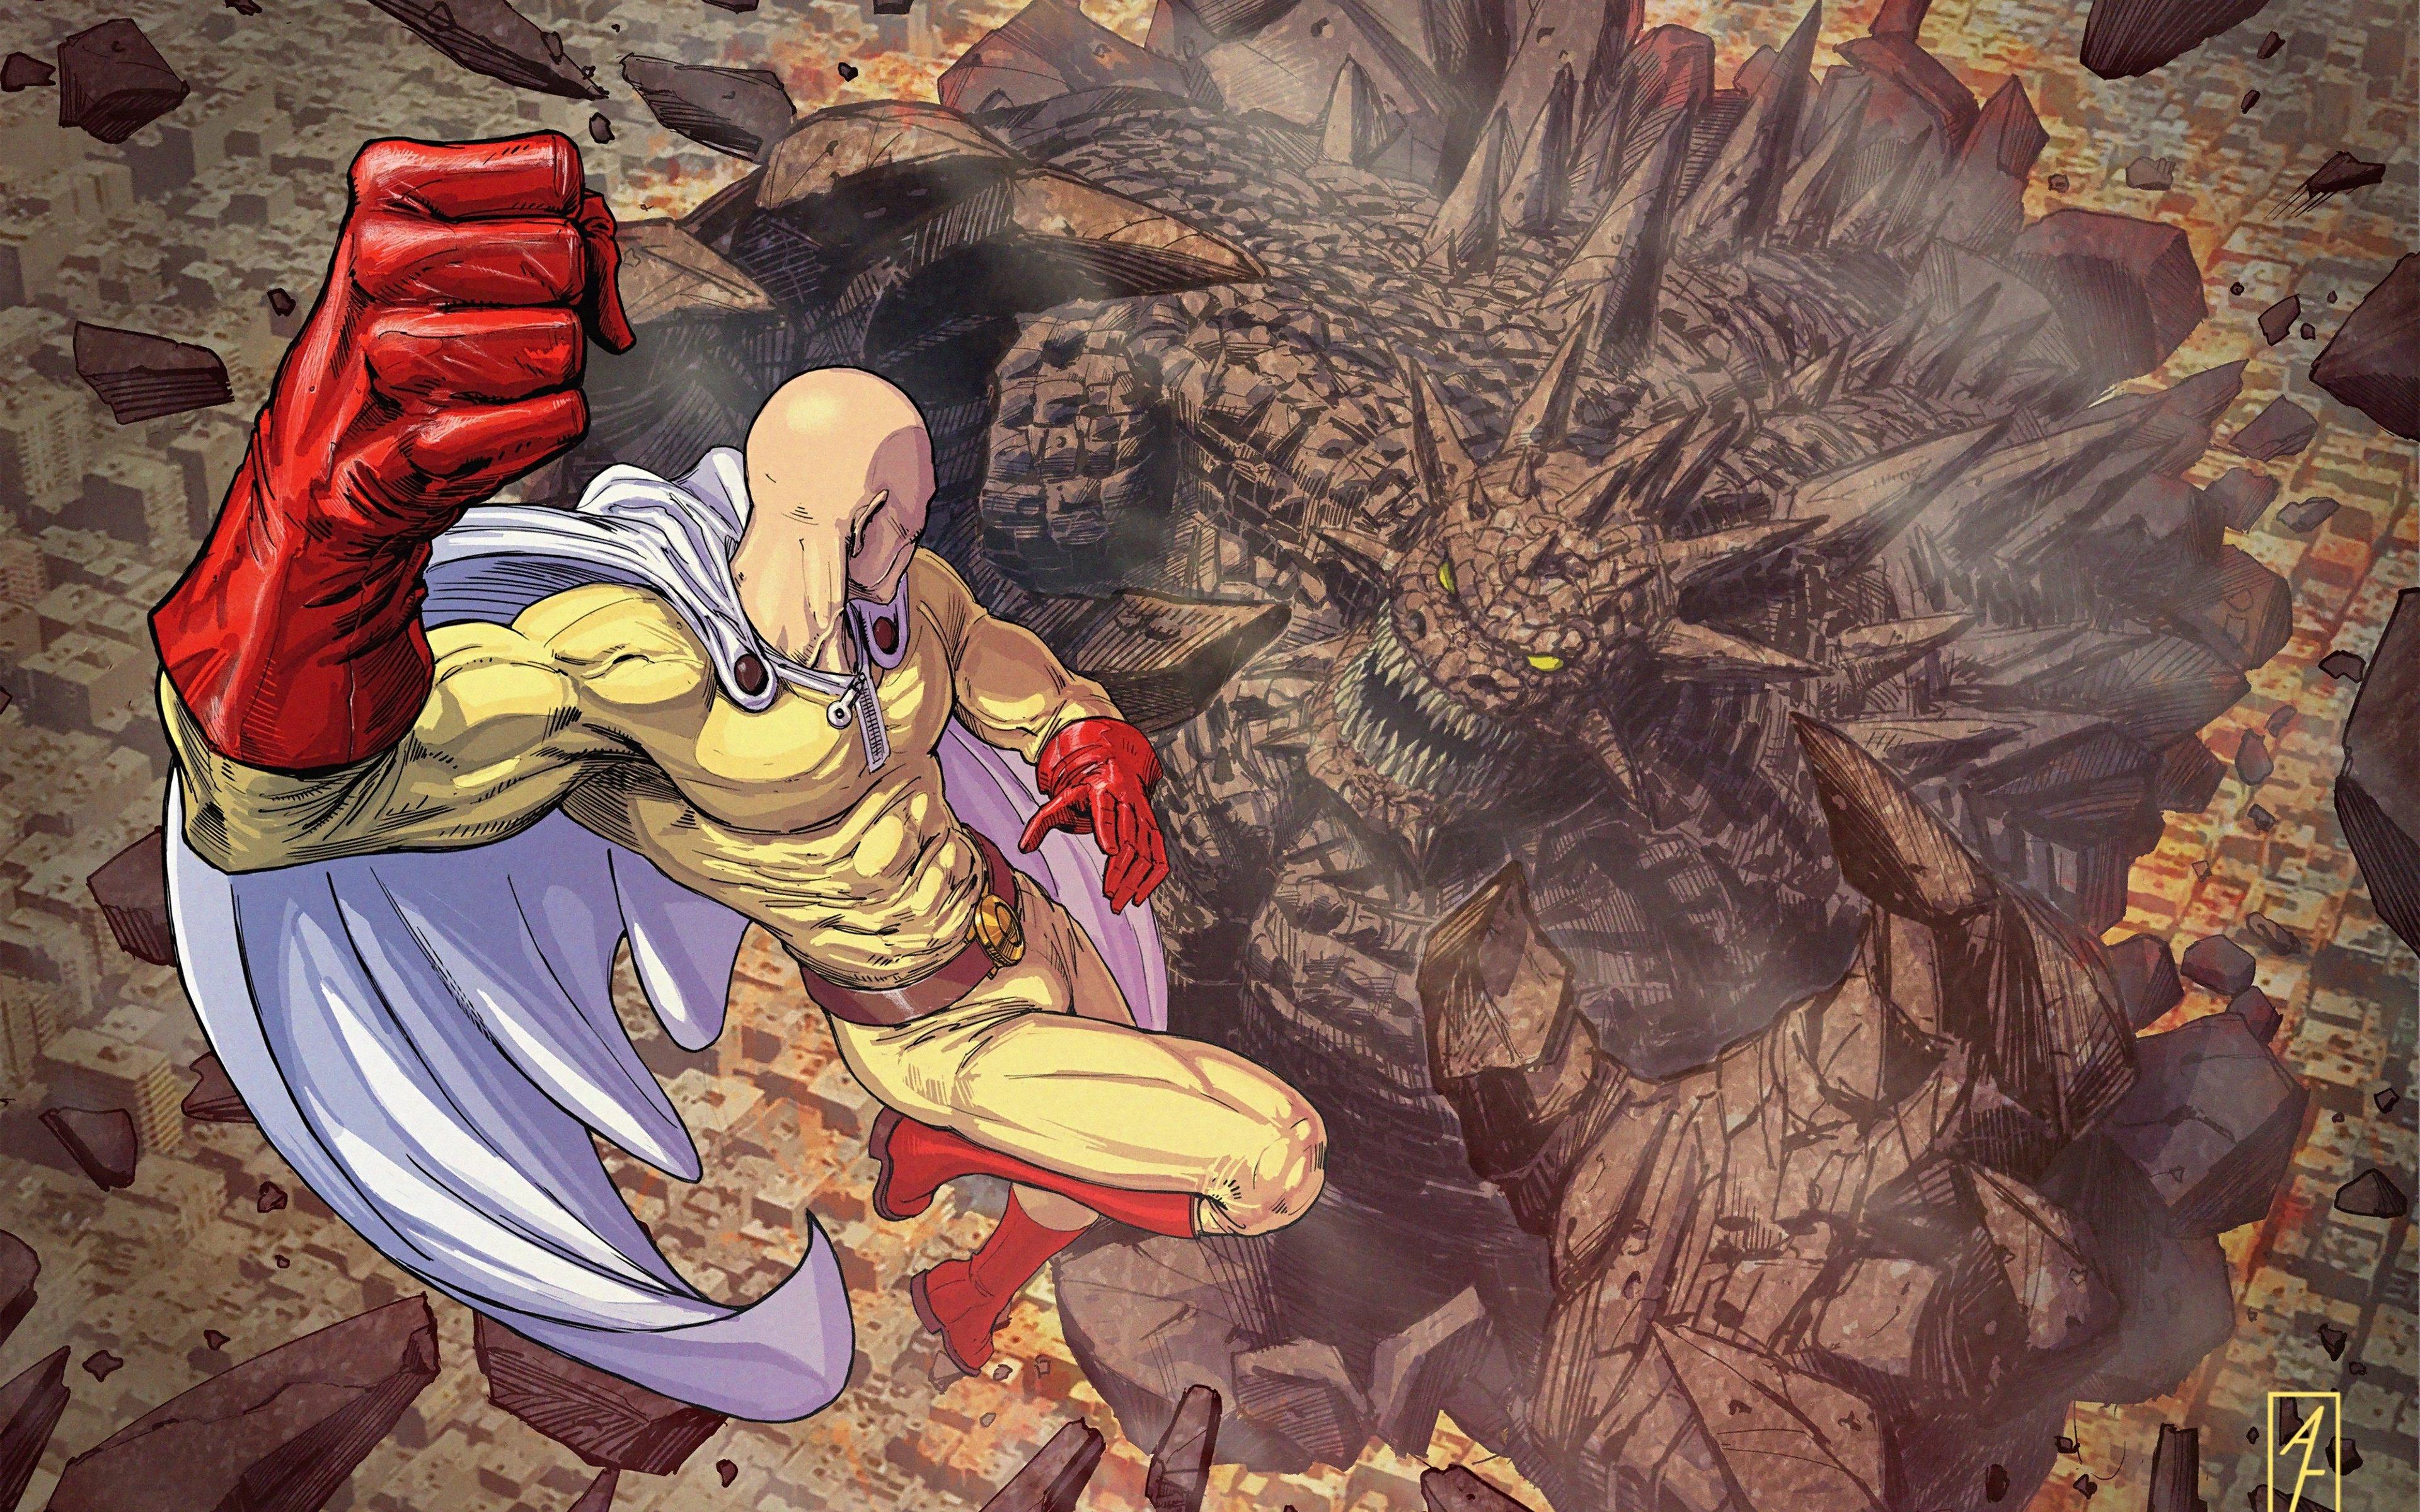 Fondos de pantalla Anime Saitama de One Punch man